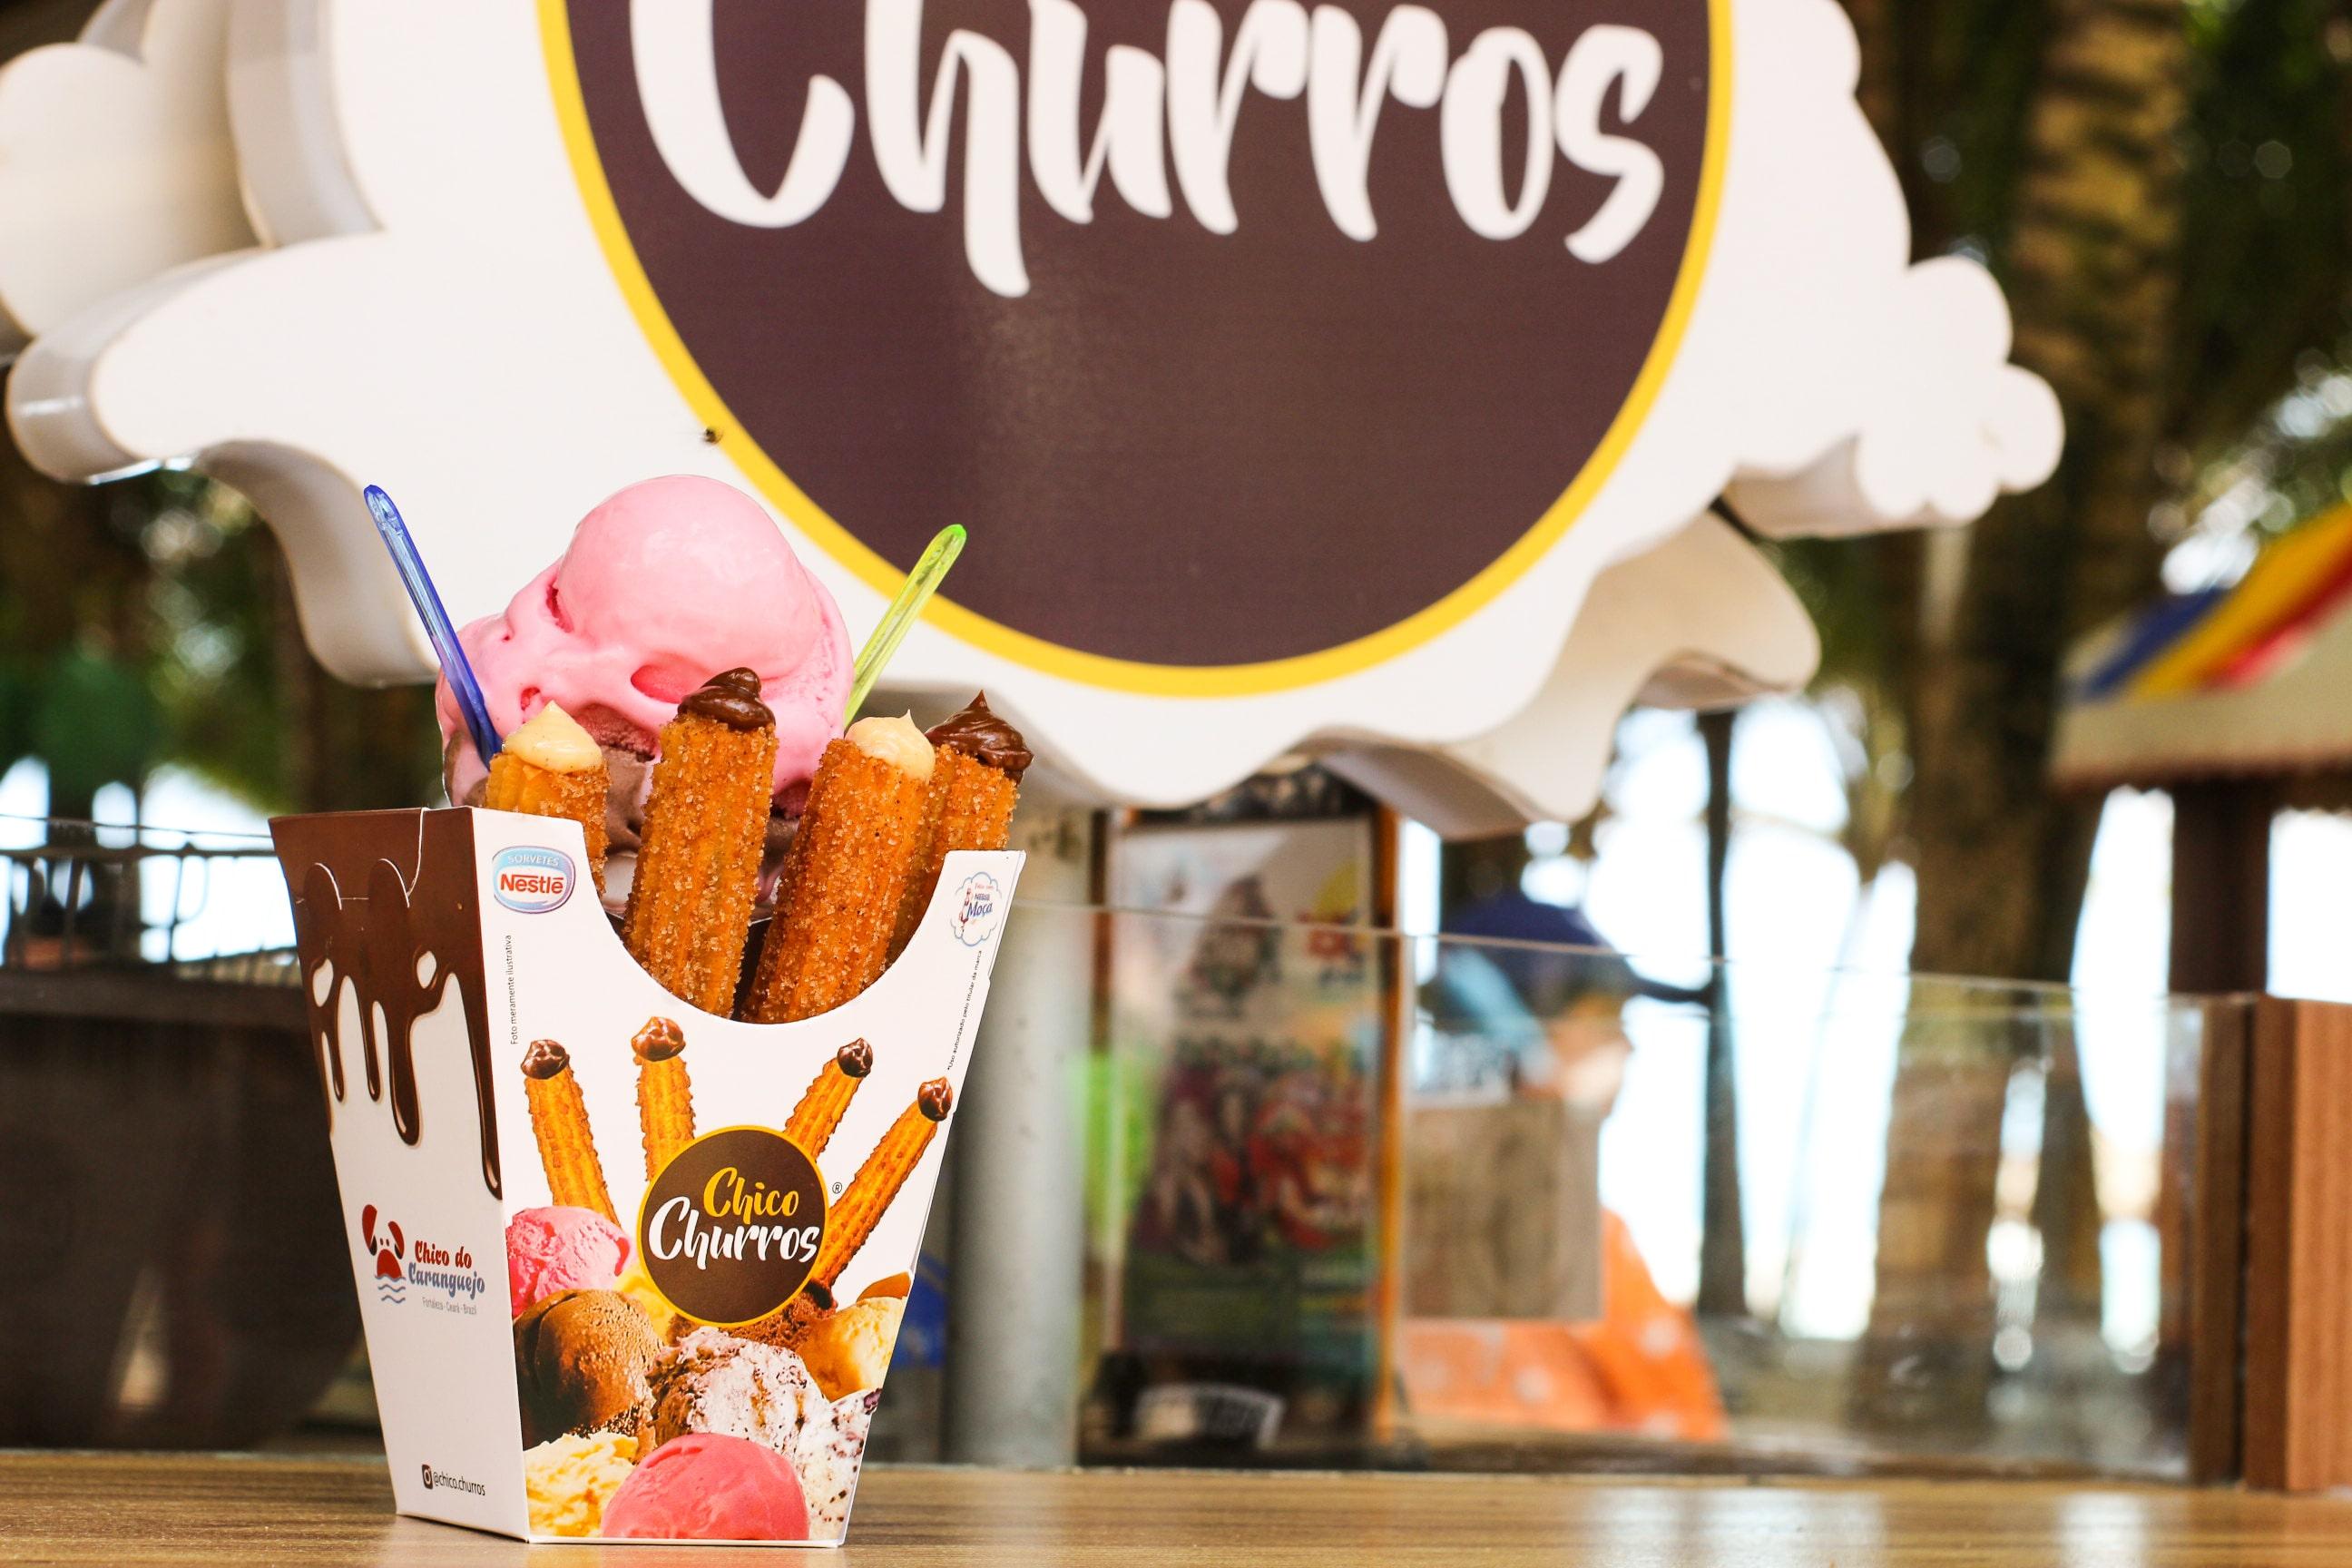 As delícias que todo mundo ama! Churros com sorvete ou Porção com 6 churros espanhóis de R$20 por apenas R$14,90 no Chico Churros